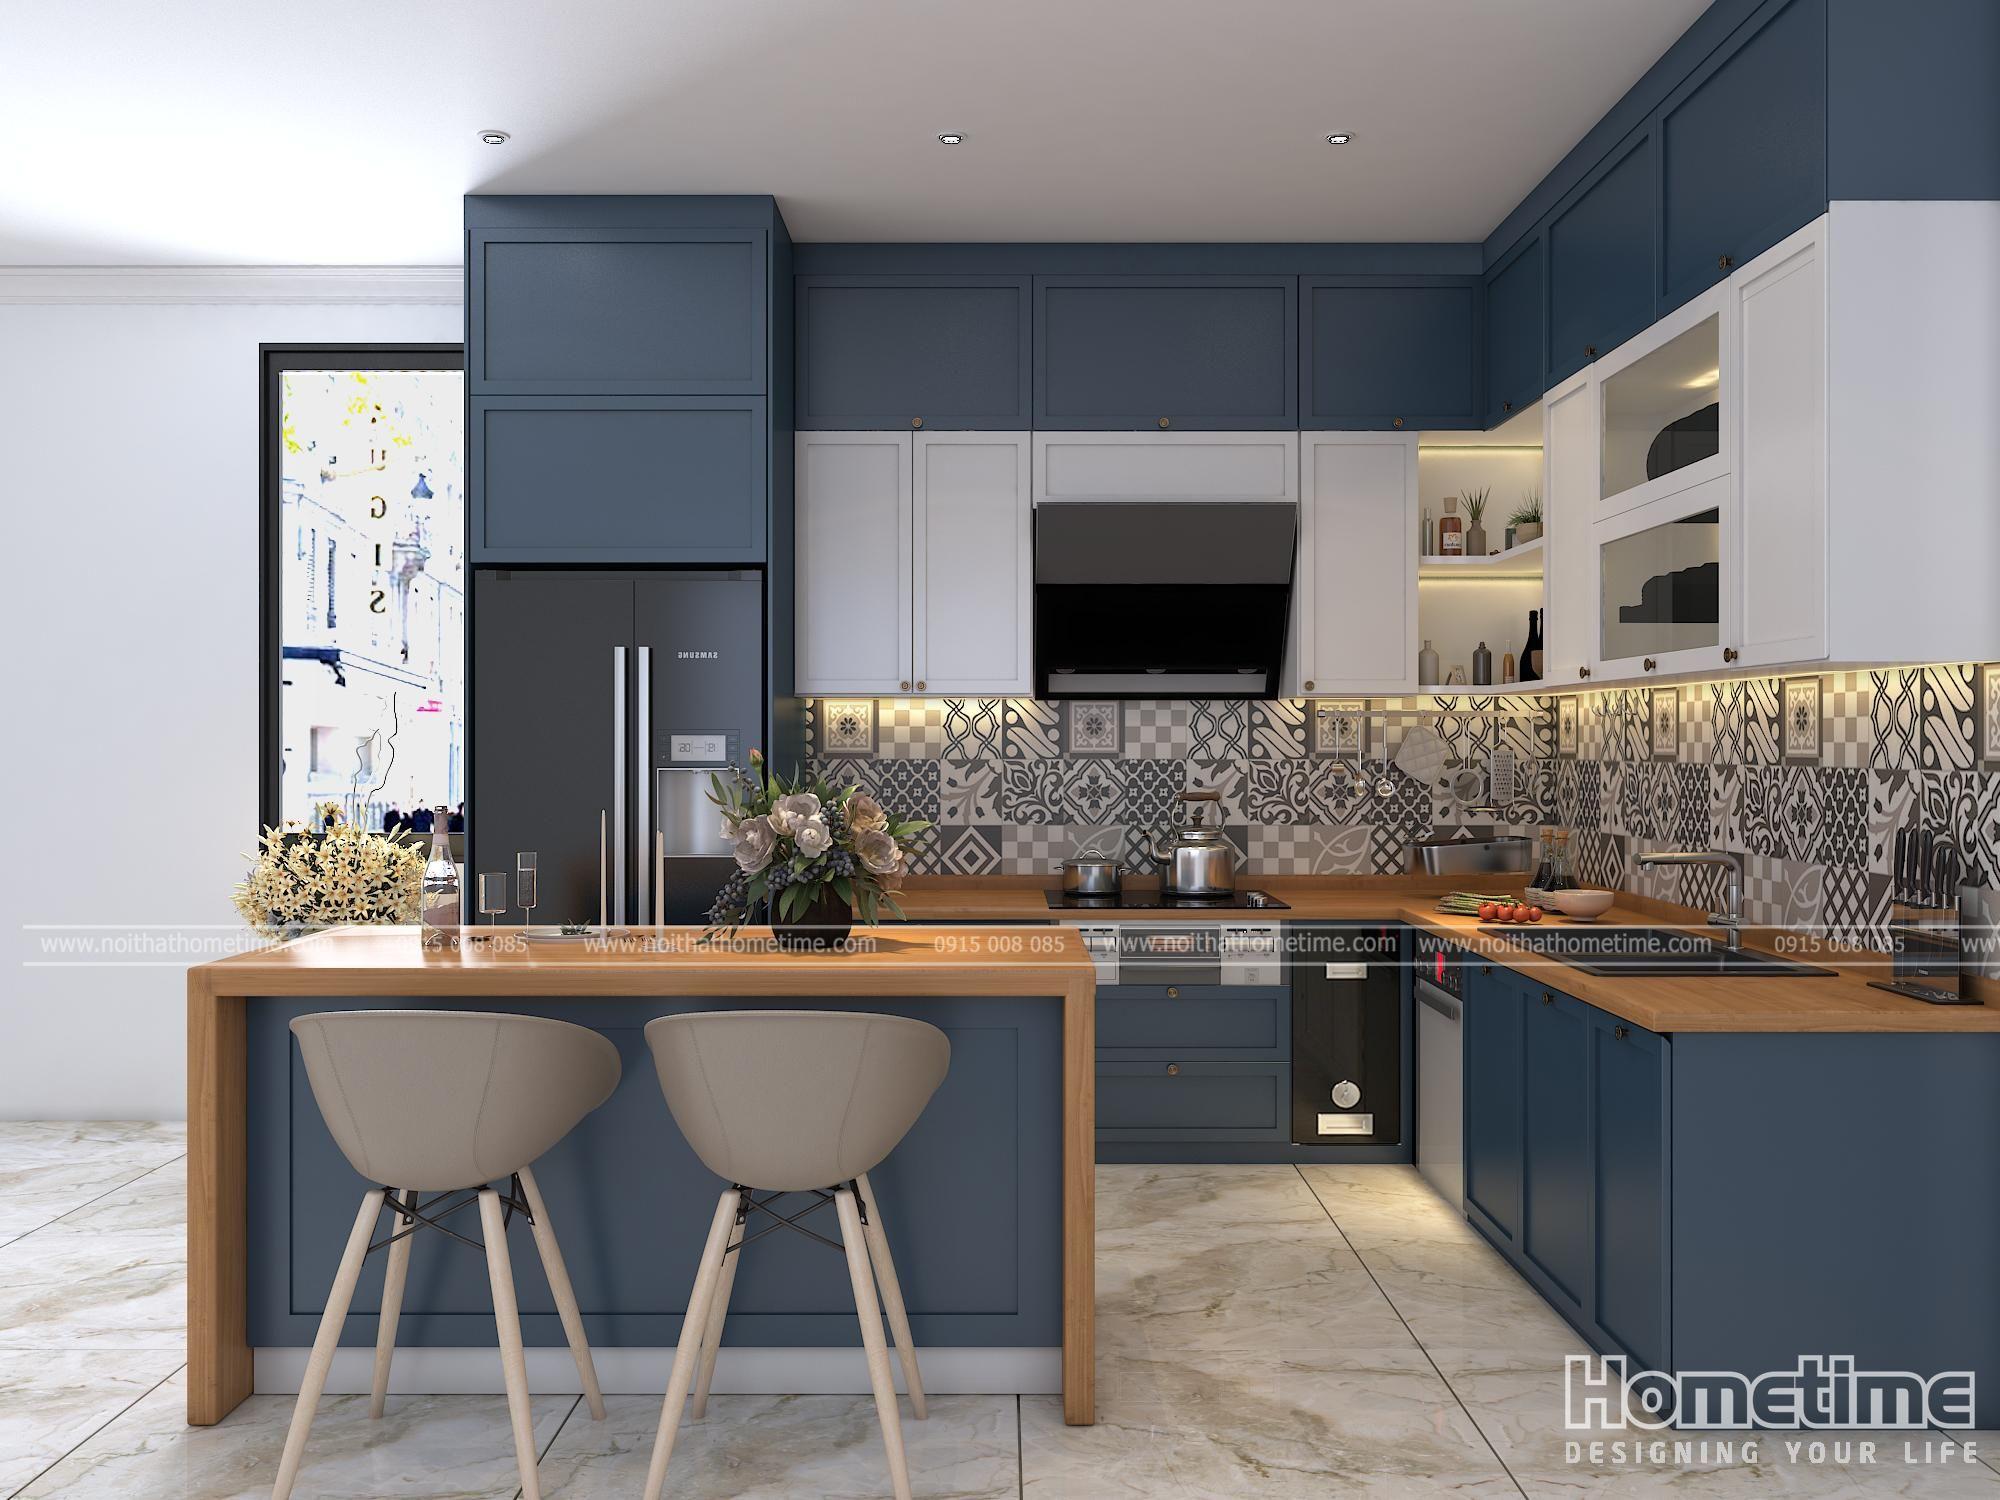 Tủ bếp sử dụng màu xanh Navy kết hợp màu trắng mờ